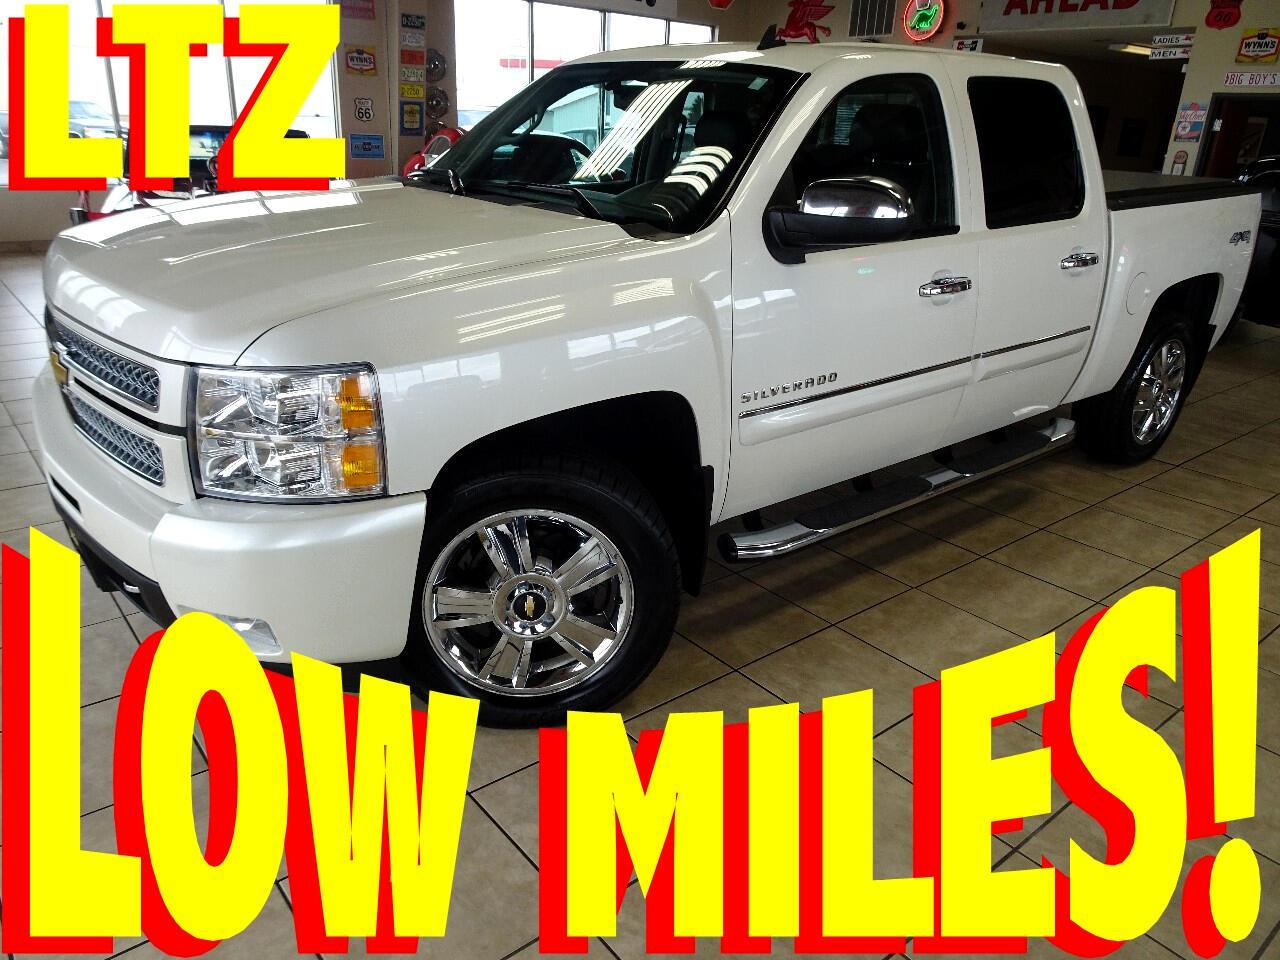 2012 Chevrolet Silverado 1500 LTZ Crew Cab 4WD